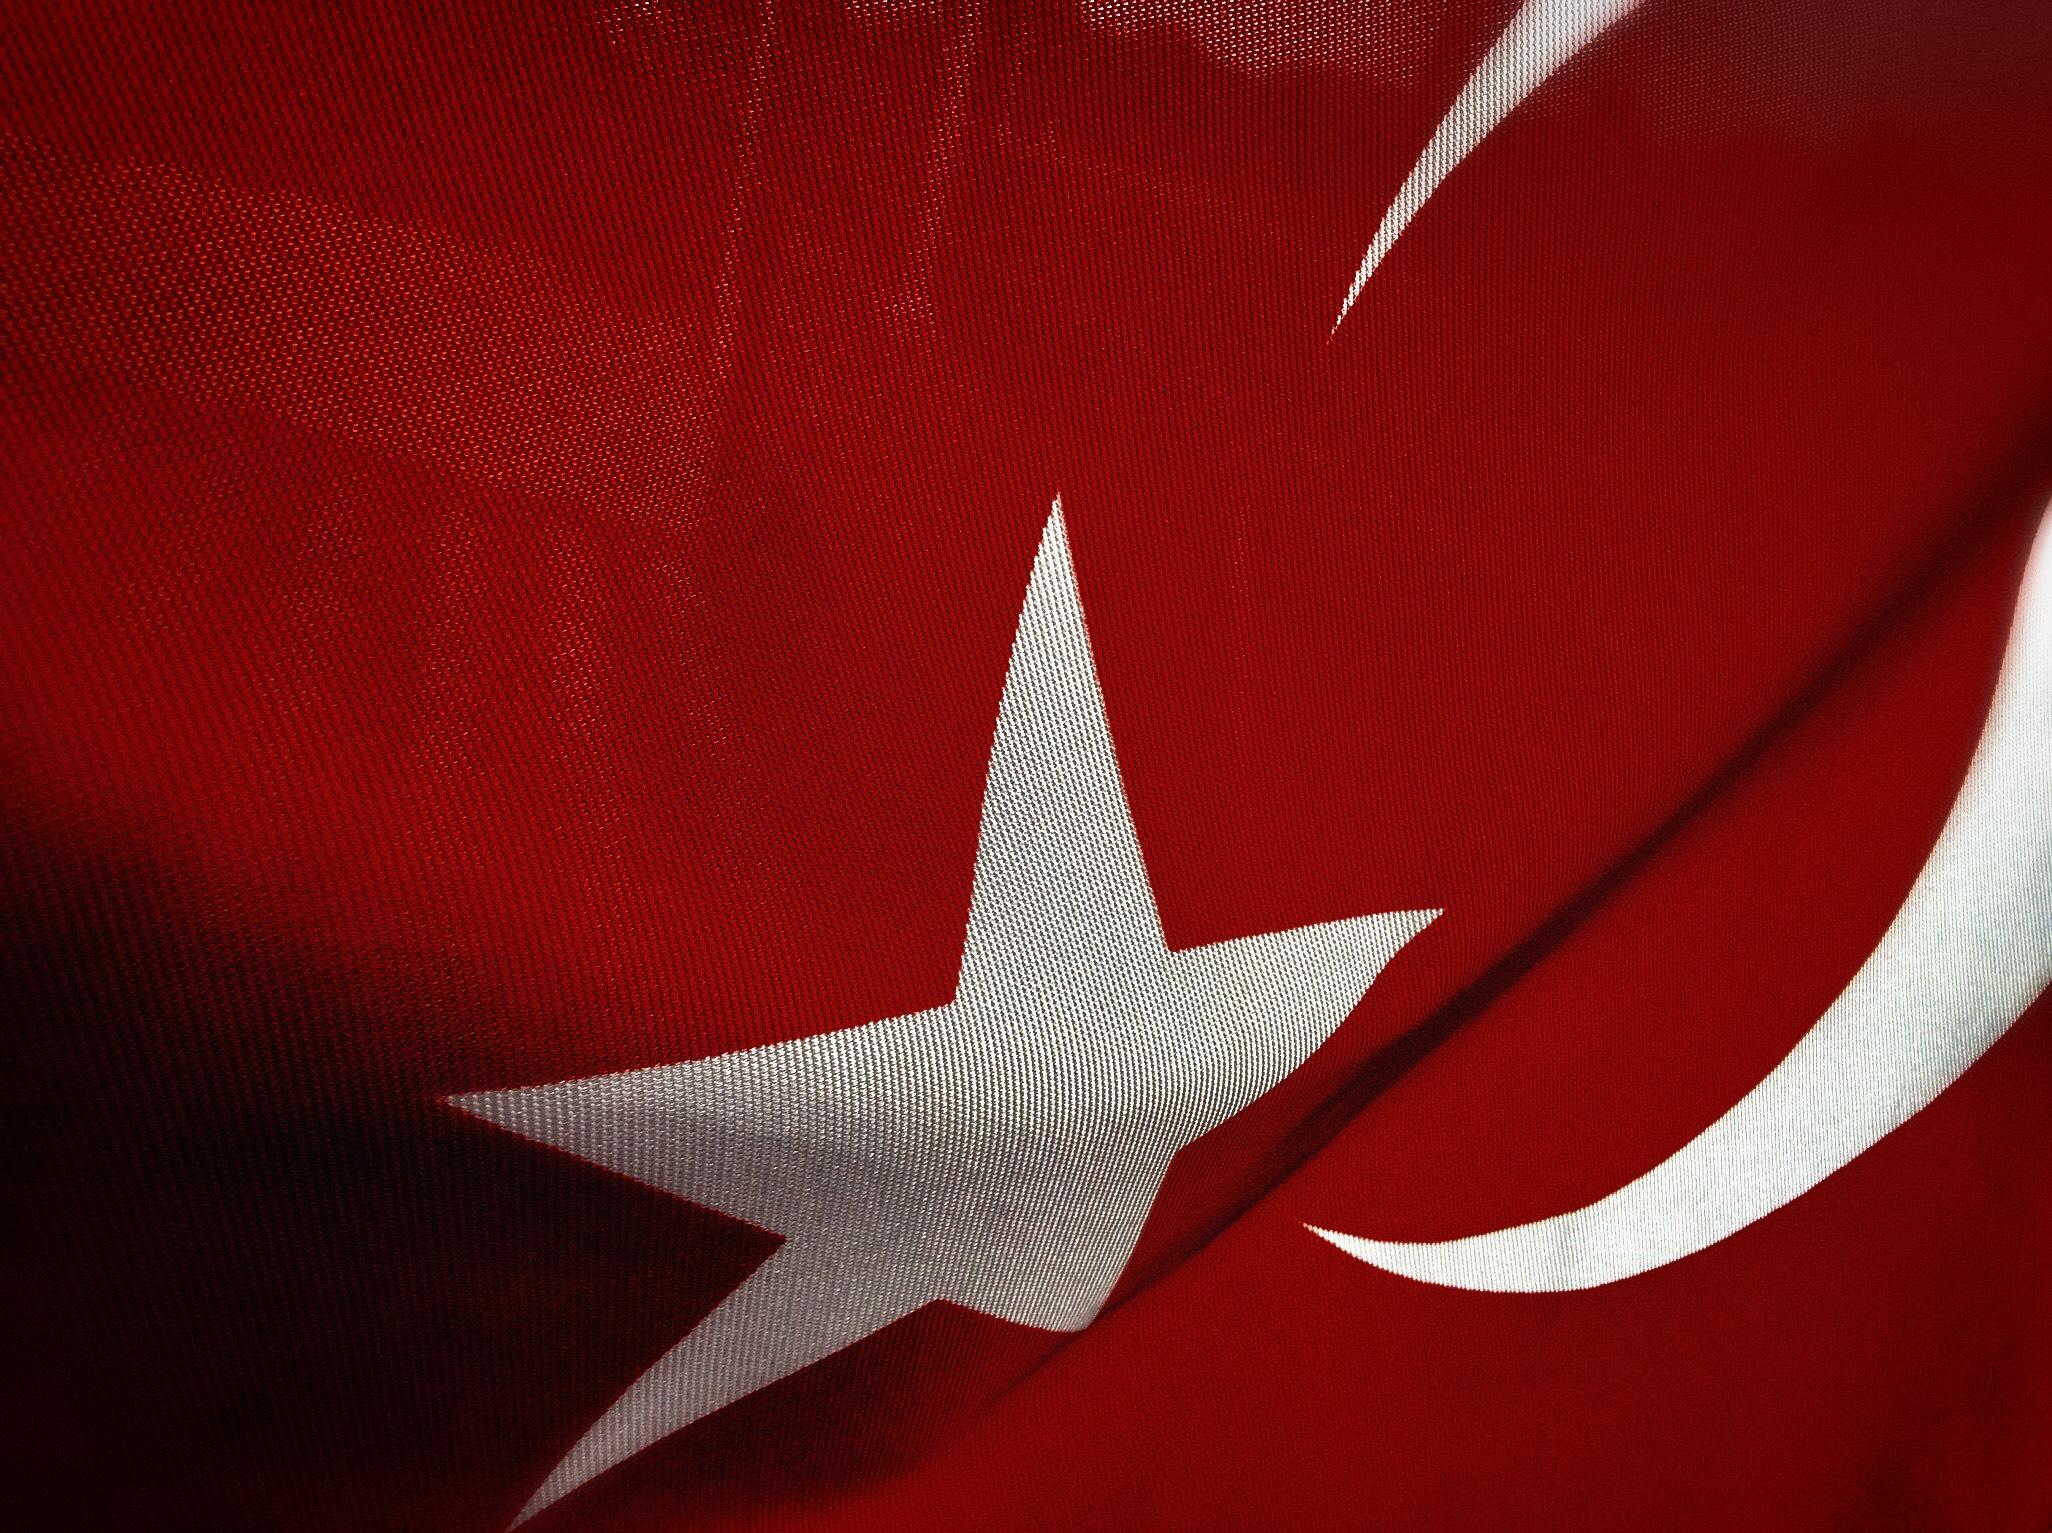 Immagini Belle Tacchino Bandiera Turca Struttura Bandiera Rossa